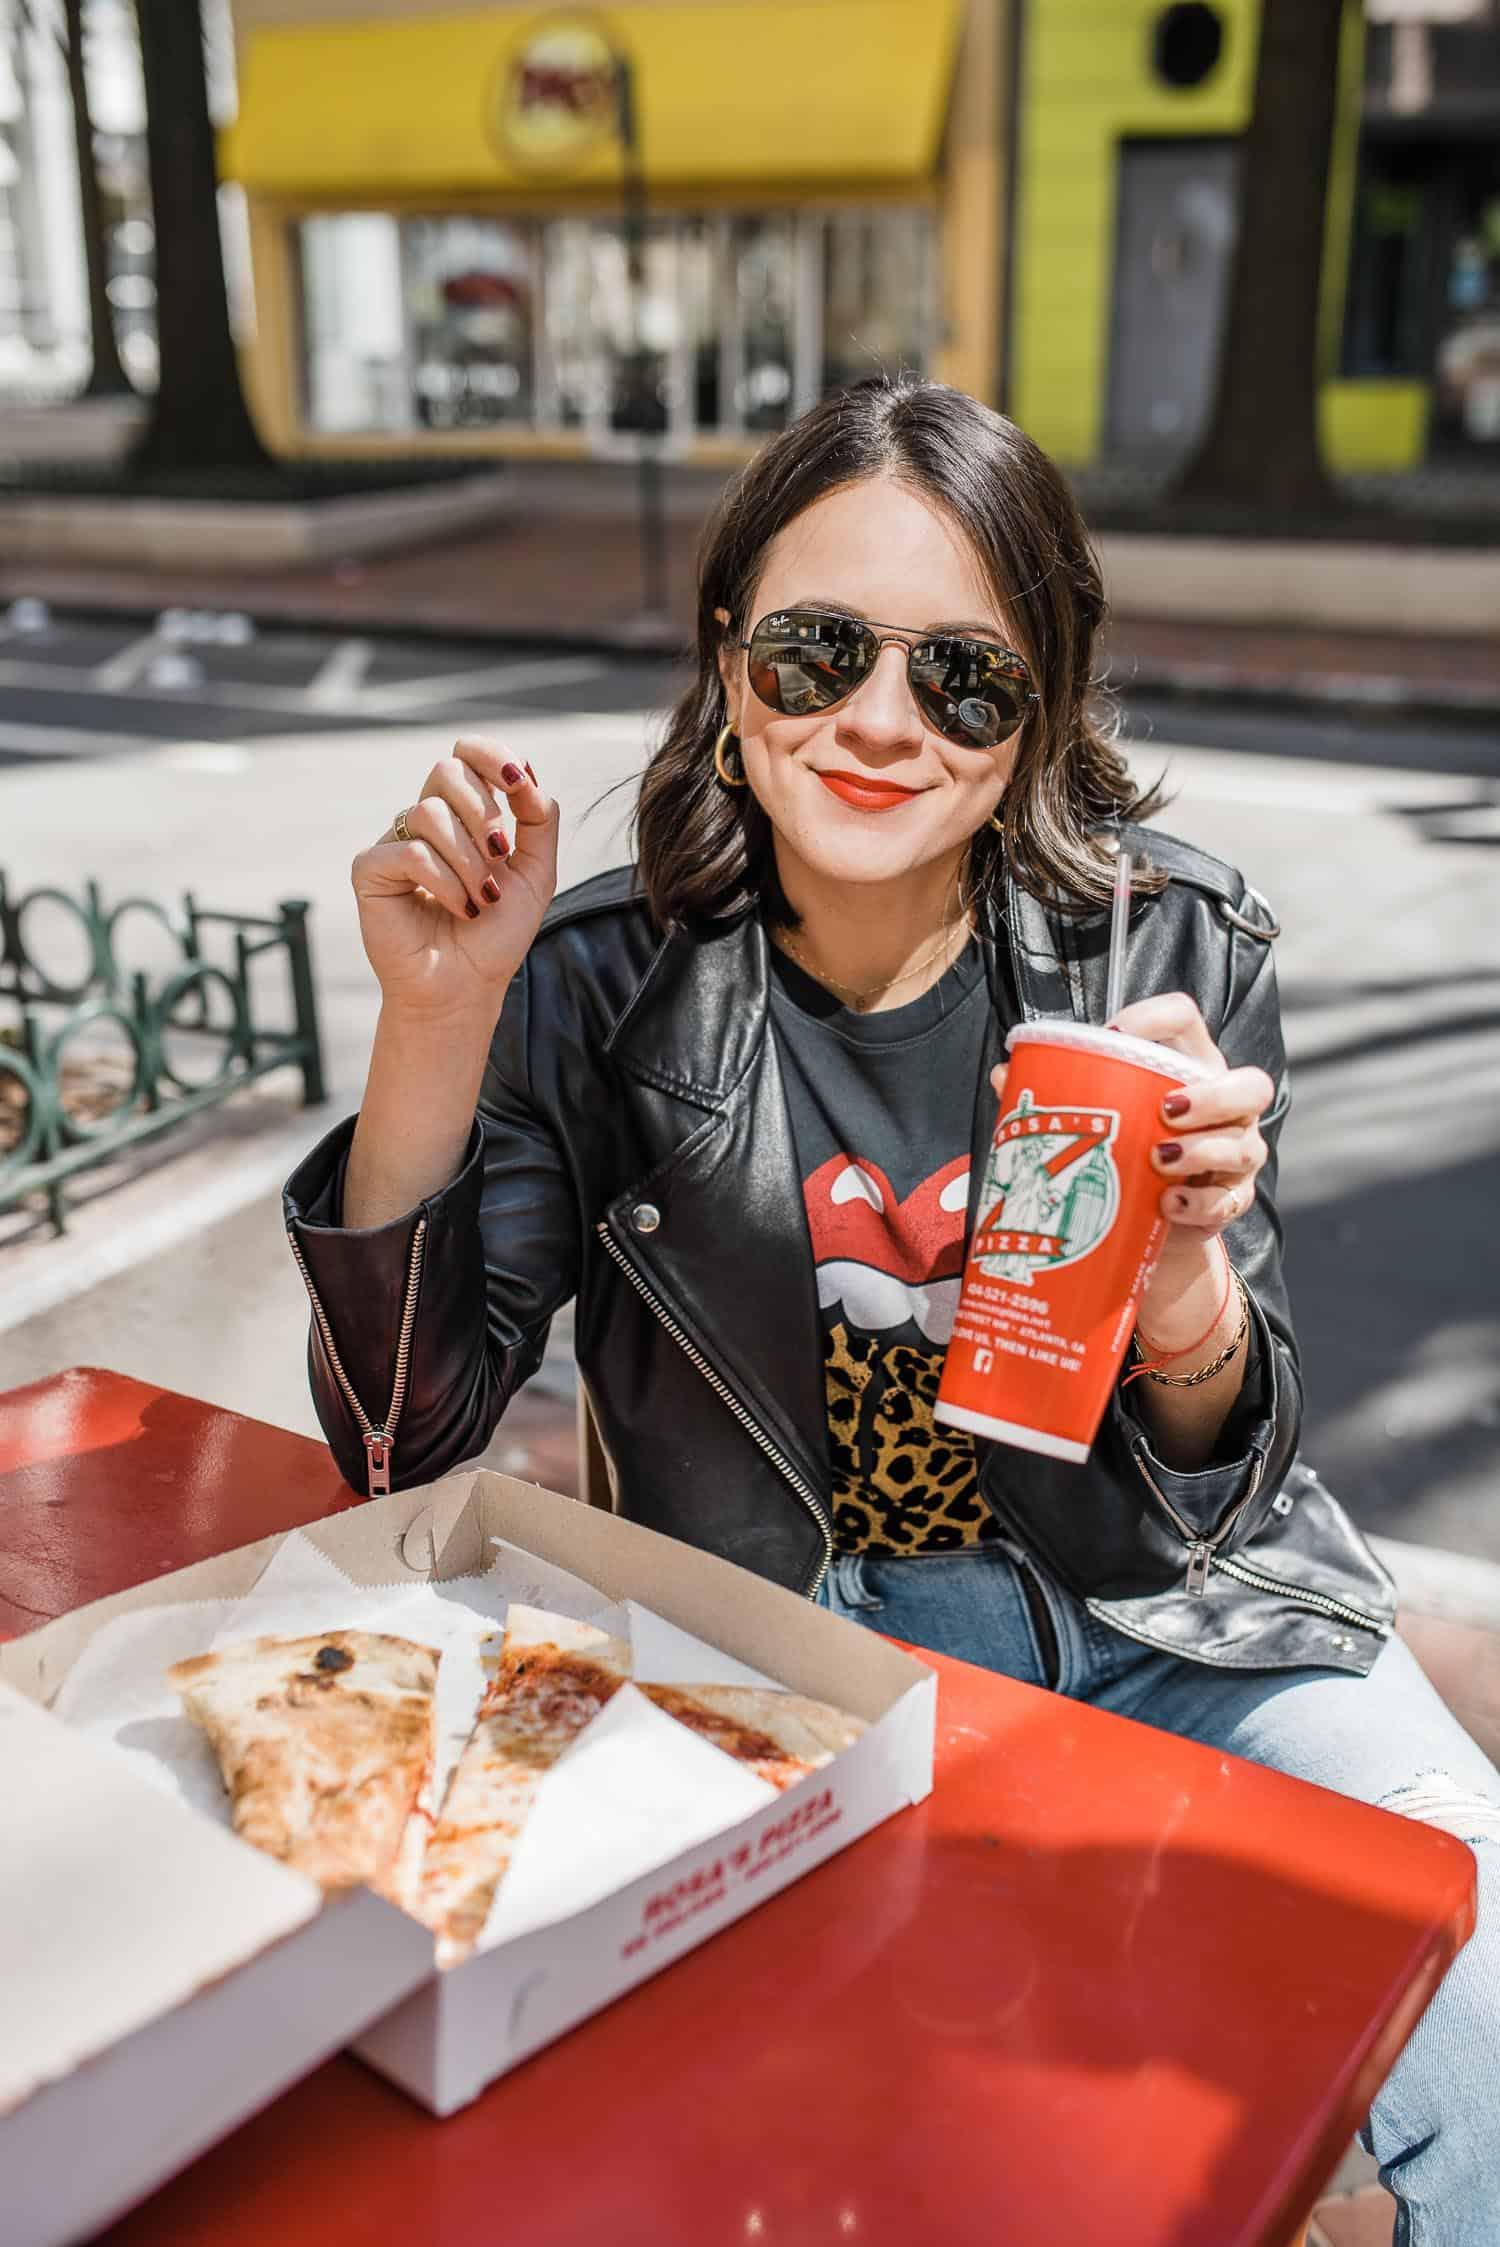 Best pizza in Atlanta according to style blogger, Jessica Camerata